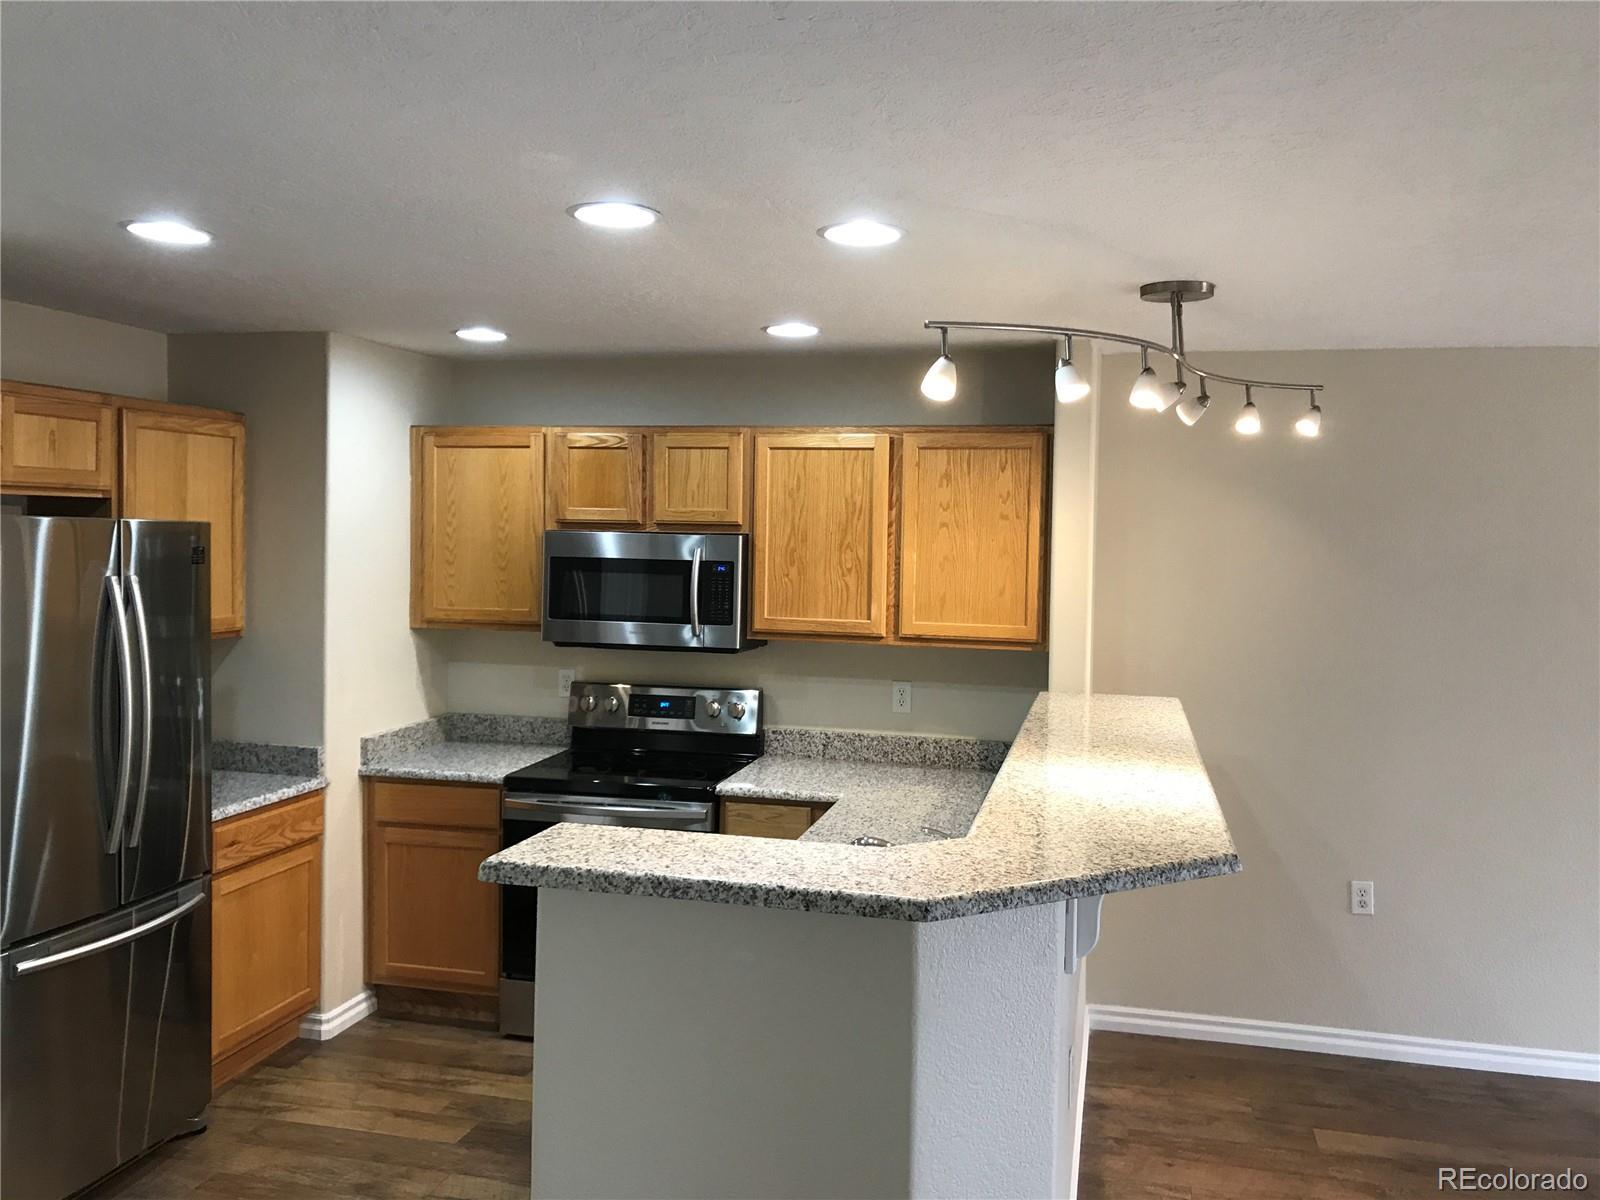 MLS# 6404441 - 4 - 2020 Dove Creek Court, Loveland, CO 80538